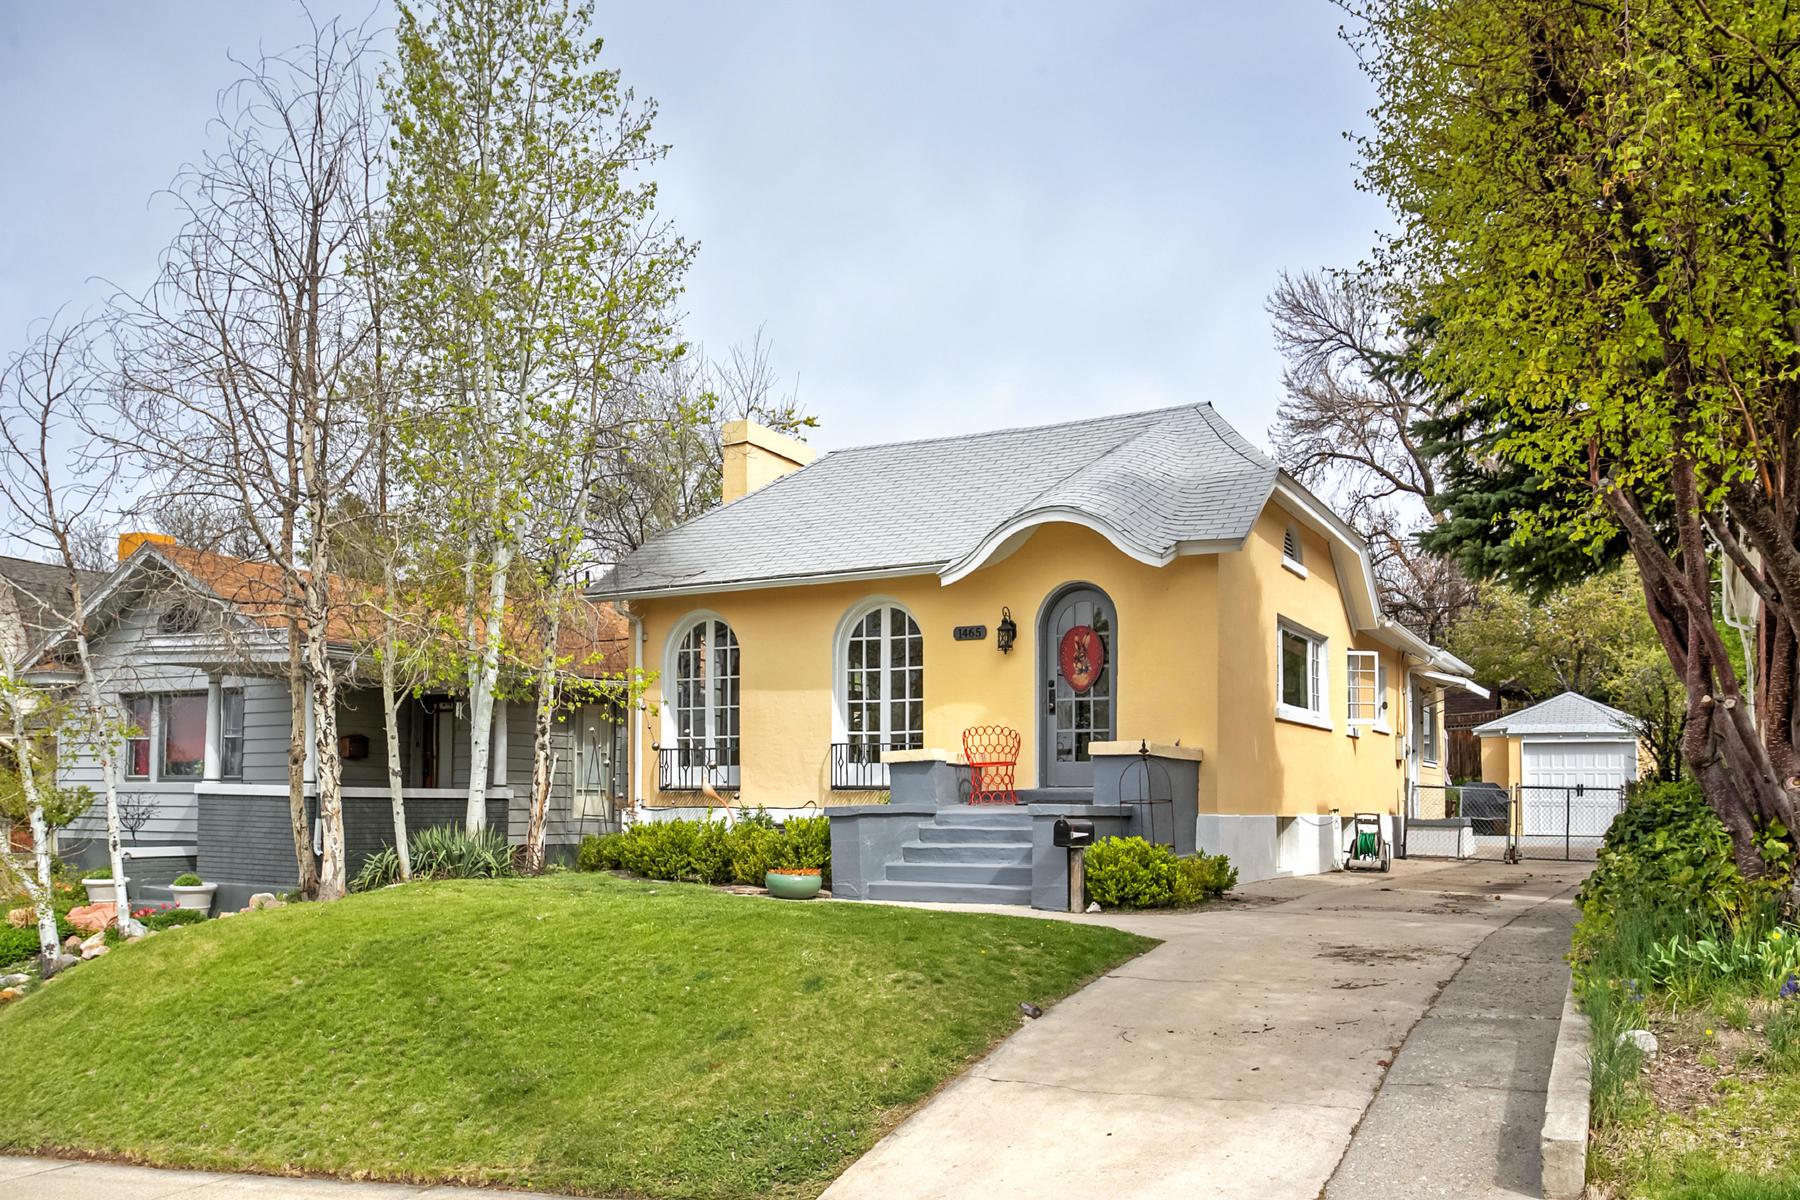 一戸建て のために 売買 アット Charming Remodeled Bungalow 1465 East 1300 South Salt Lake City, ユタ, 84105 アメリカ合衆国